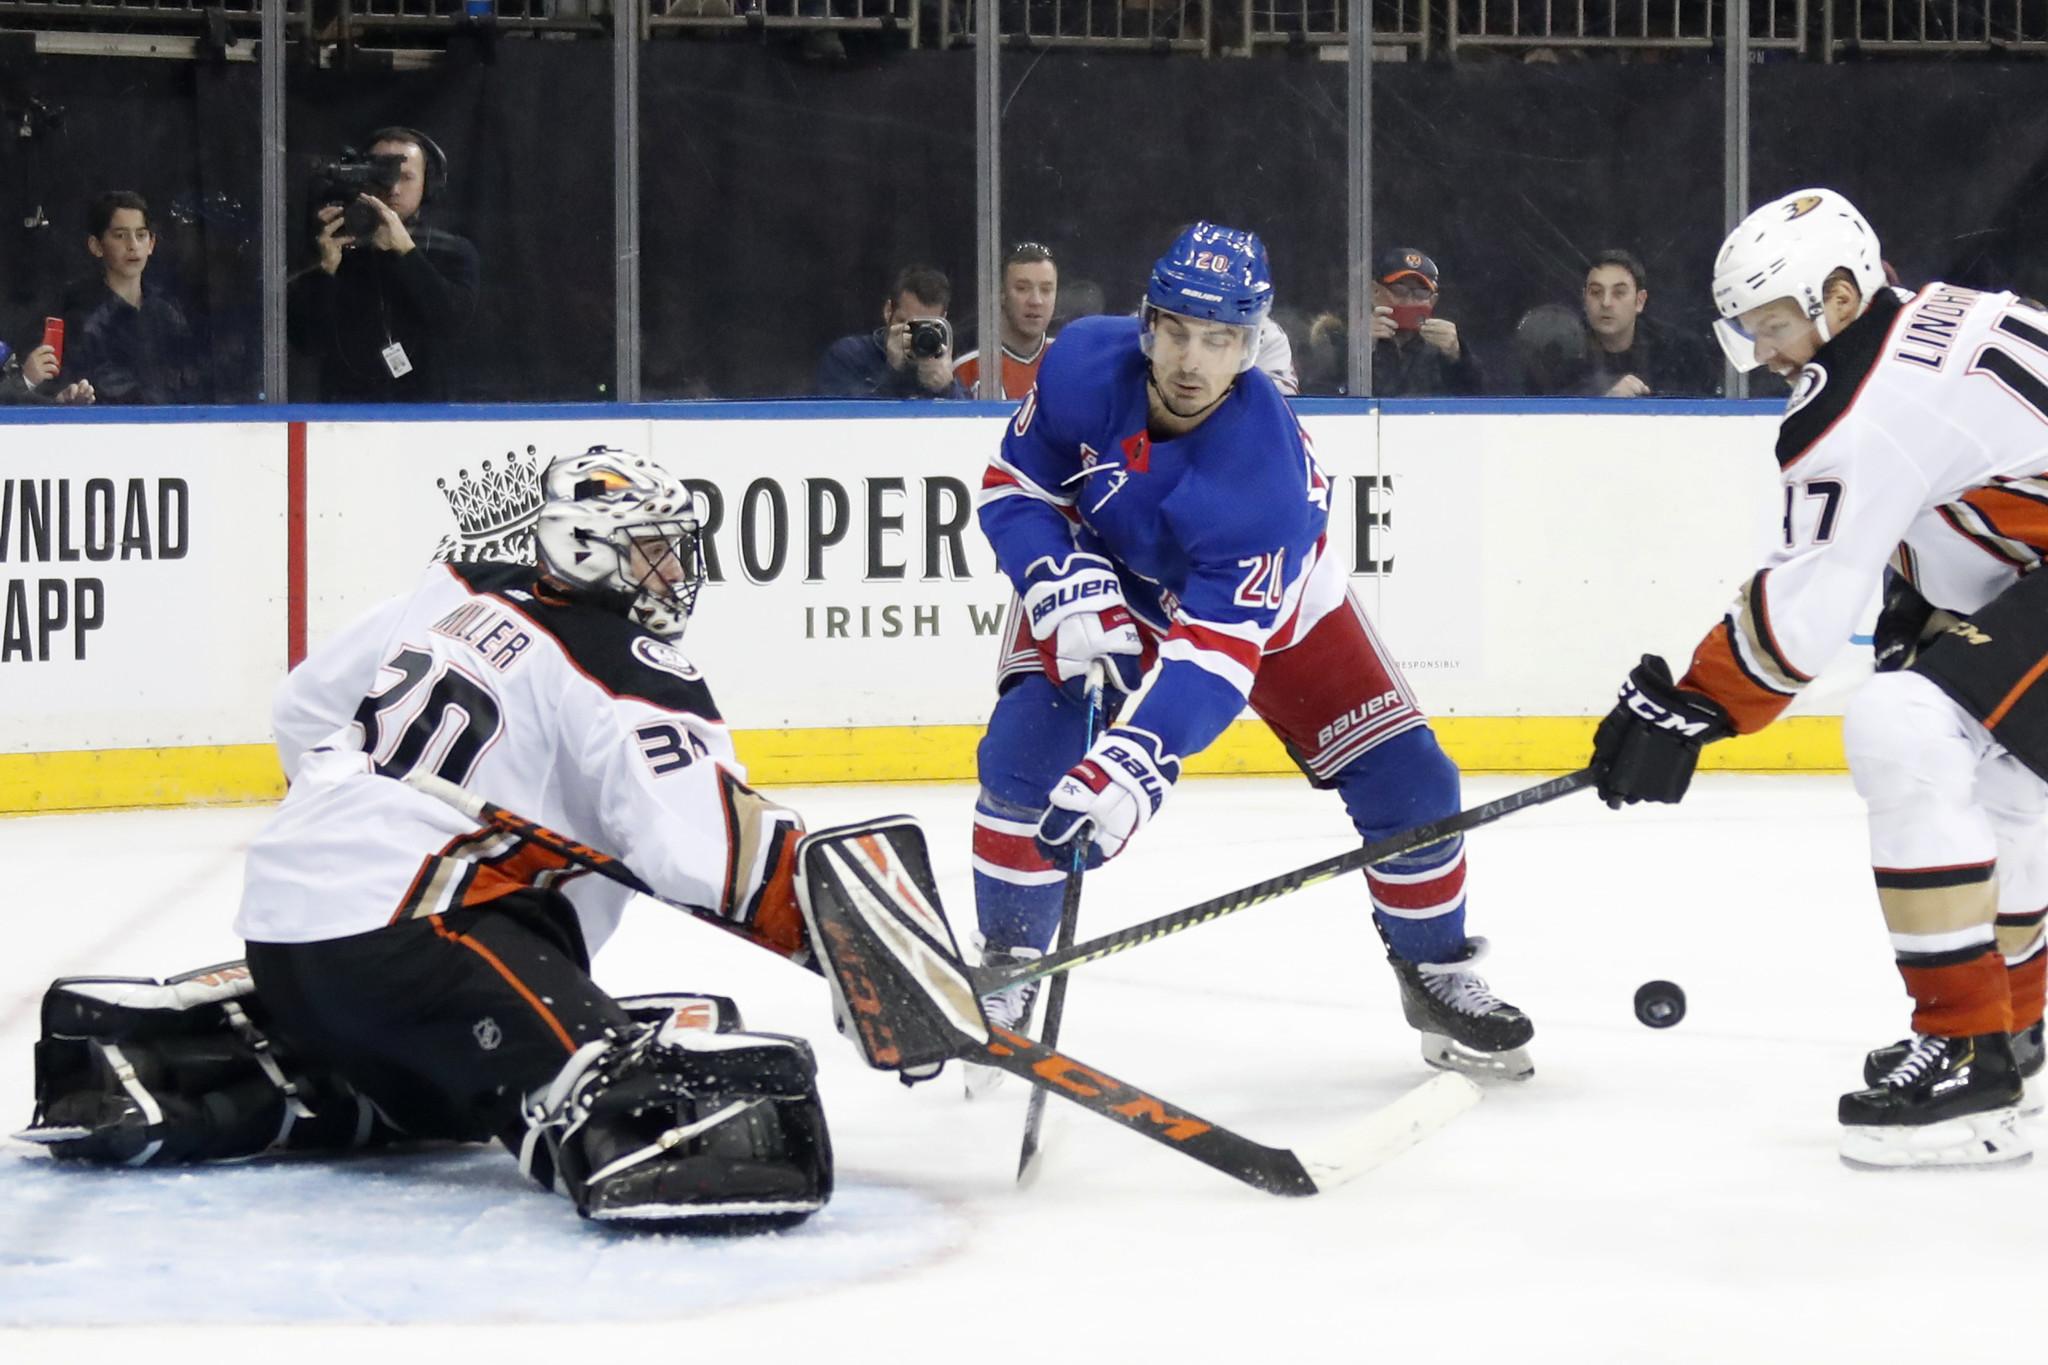 Chris Kreider scores twice as Rangers topple Ducks